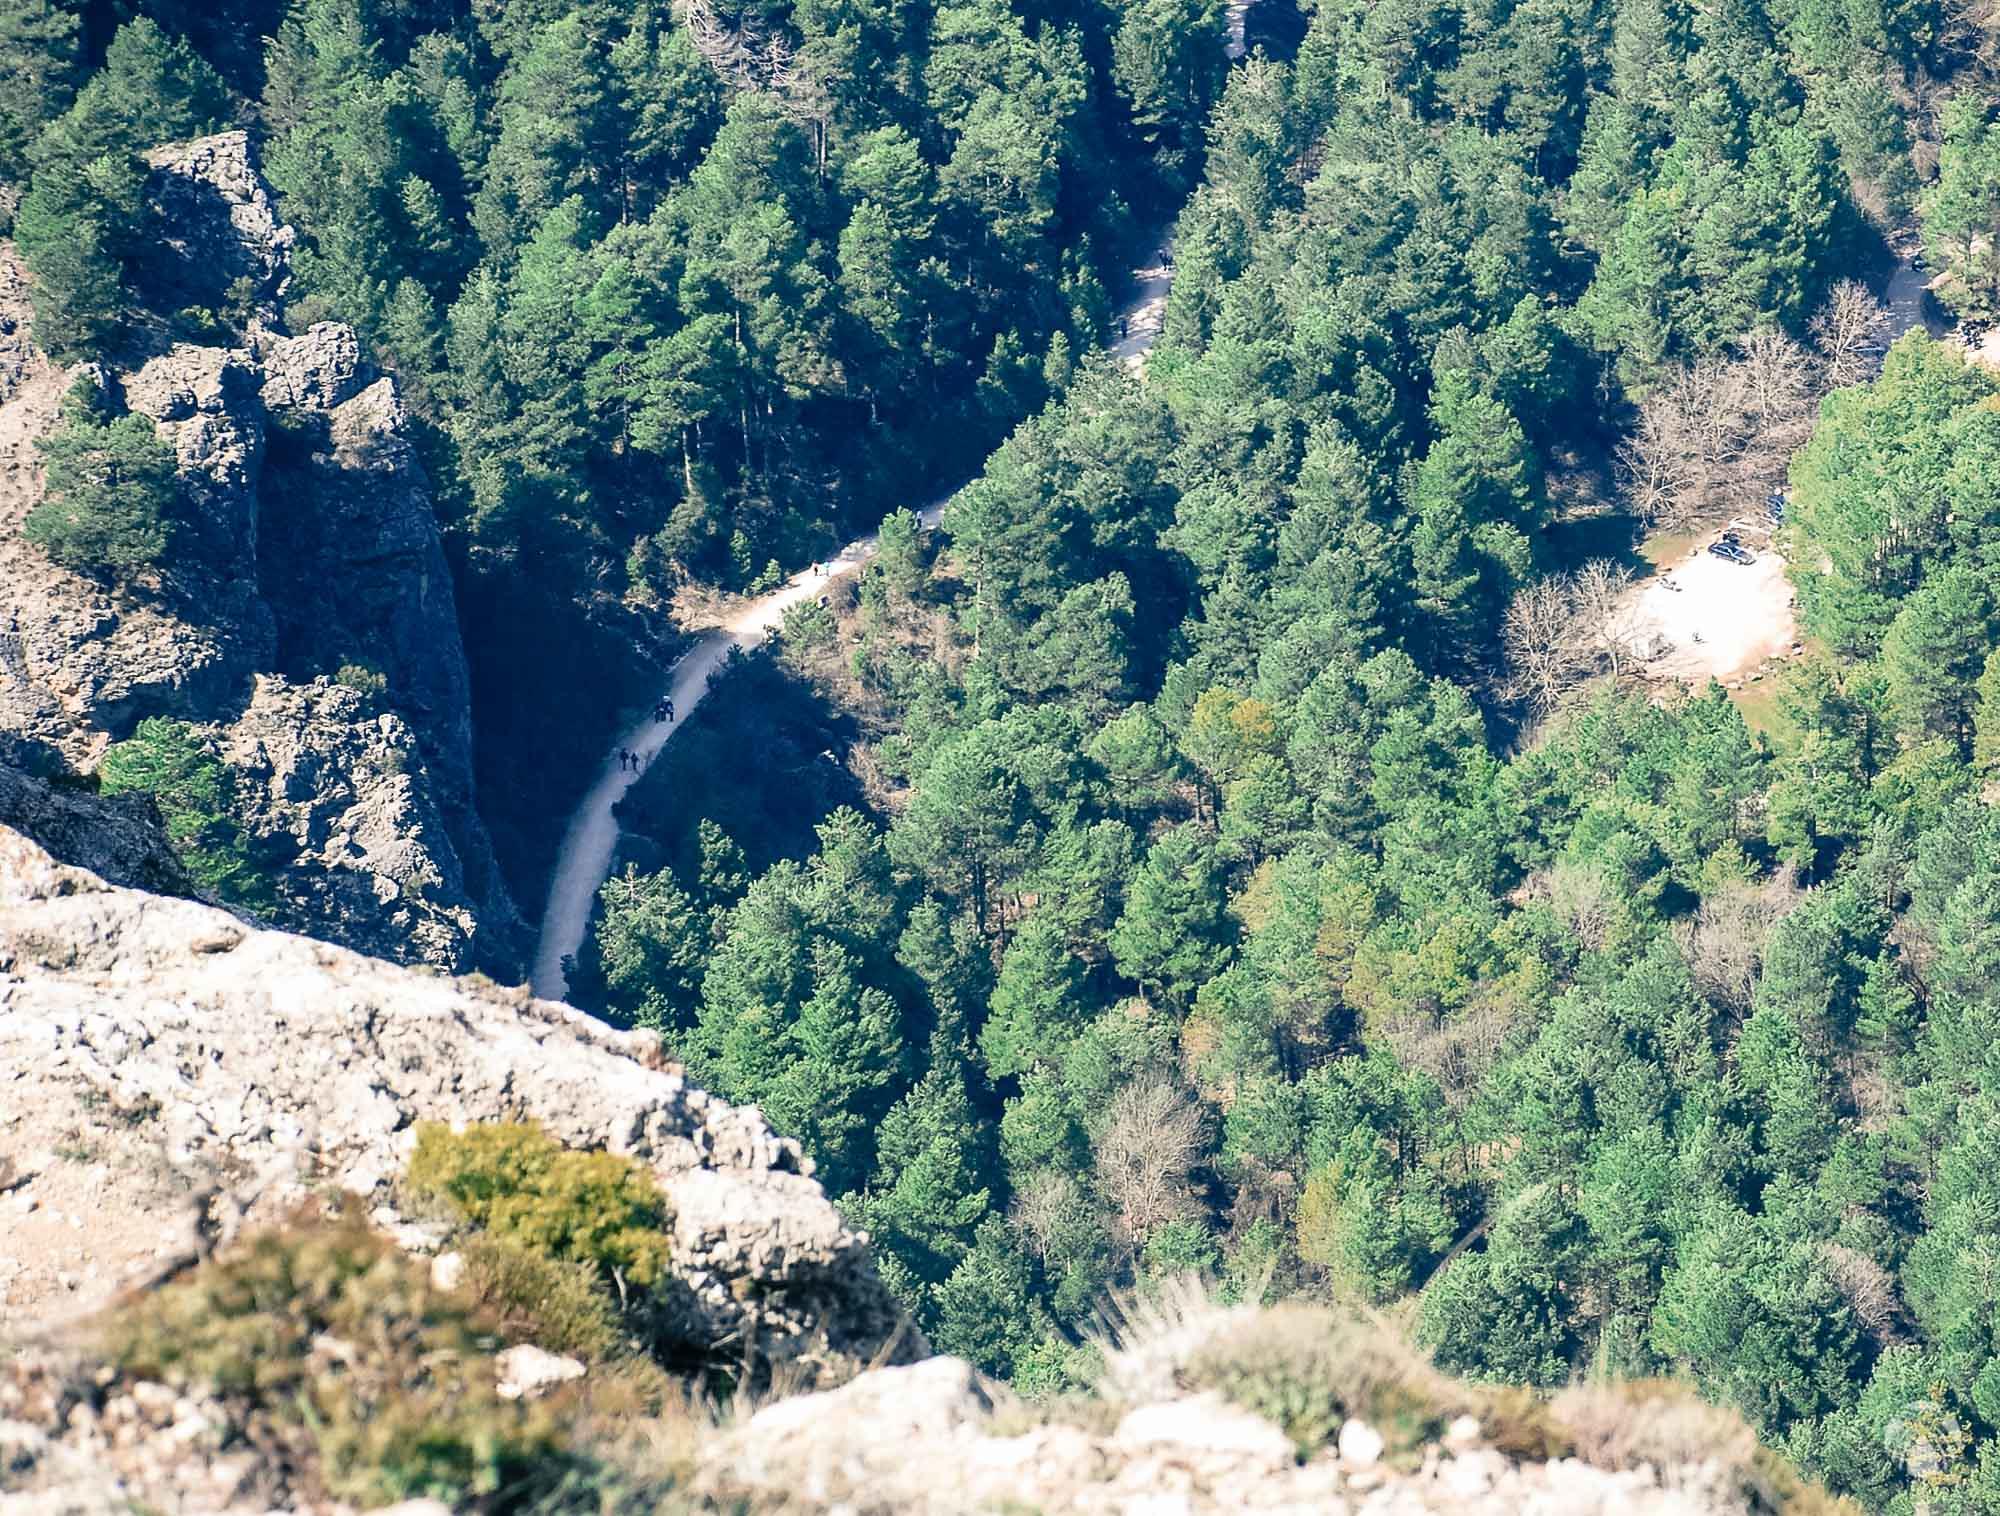 El personal visitando los Chorros casi 400 metros más abajo